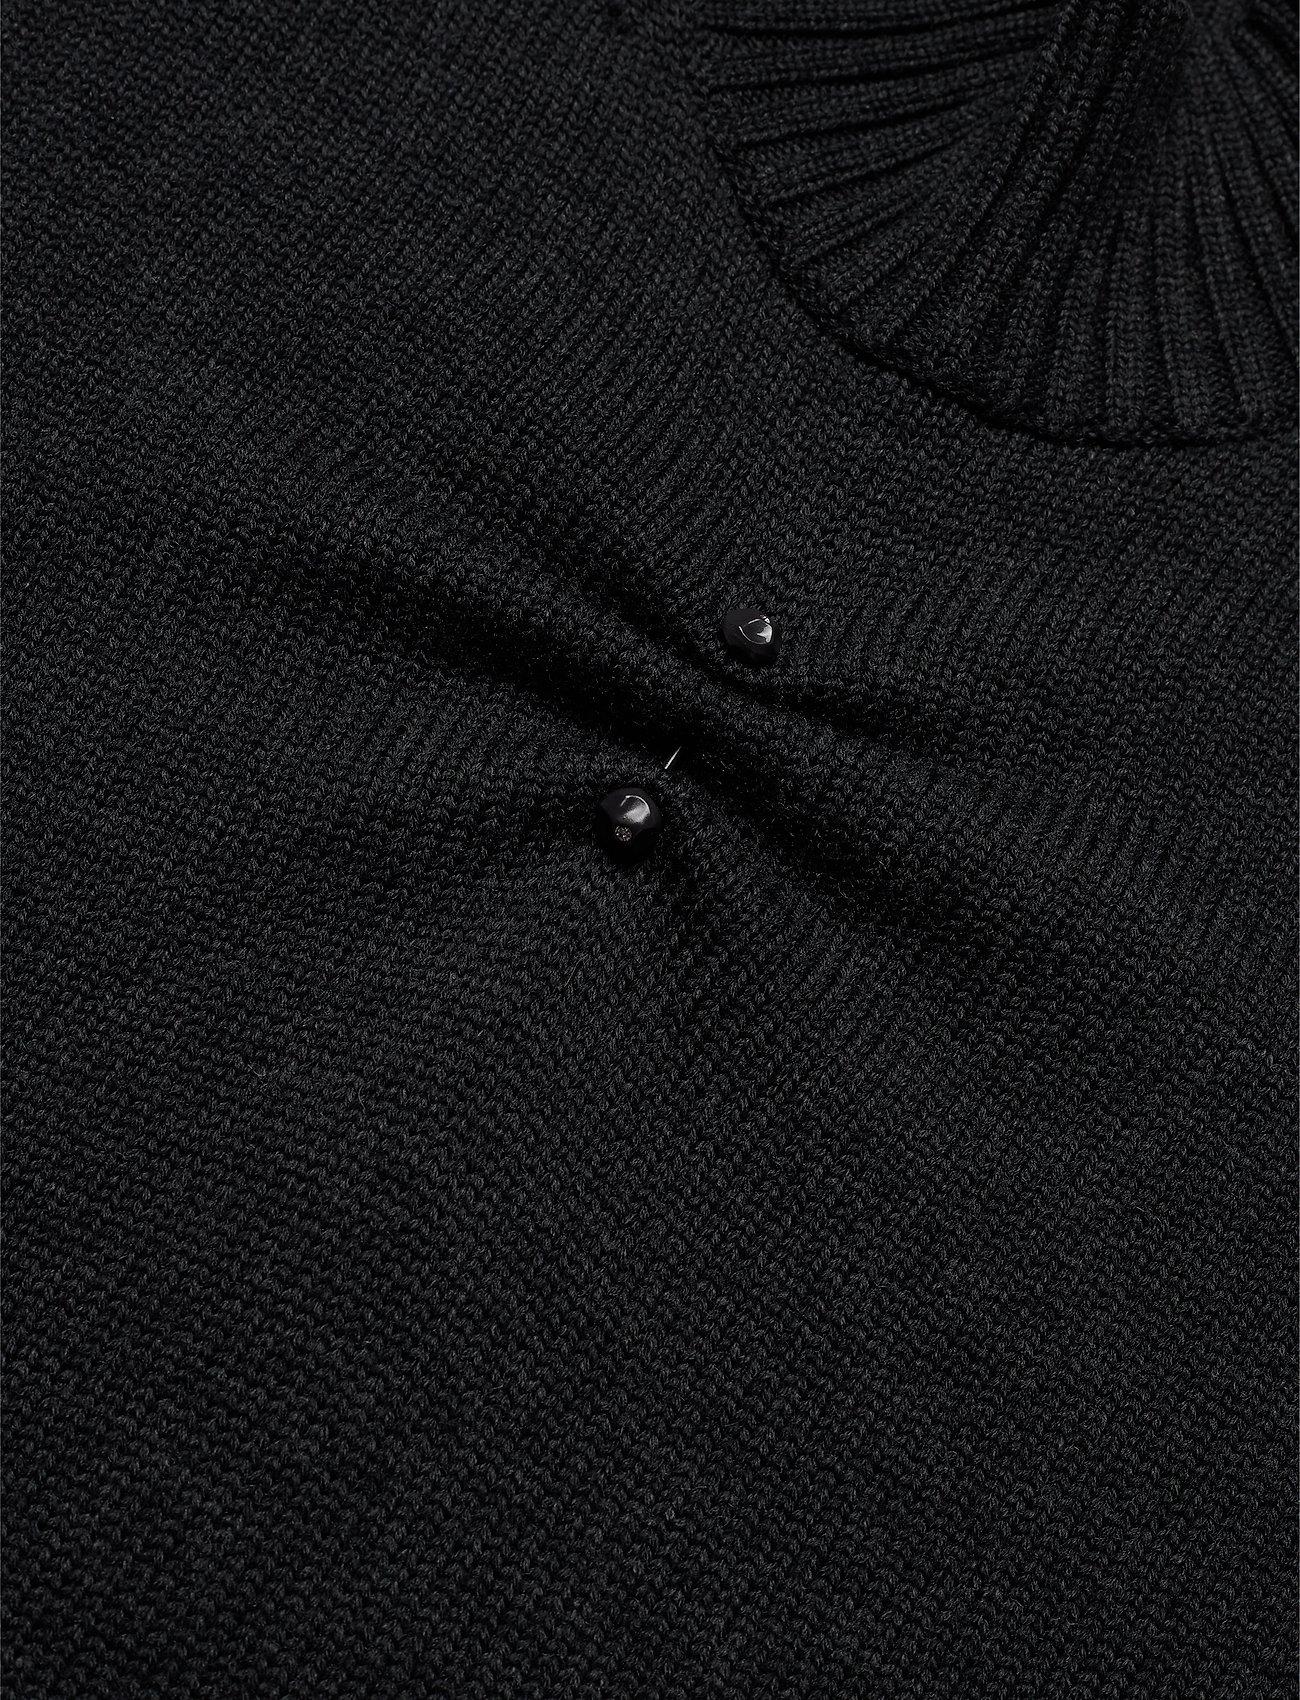 Ganni Wool Knit - Dzianina PHANTOM - Kobiety Odzież.